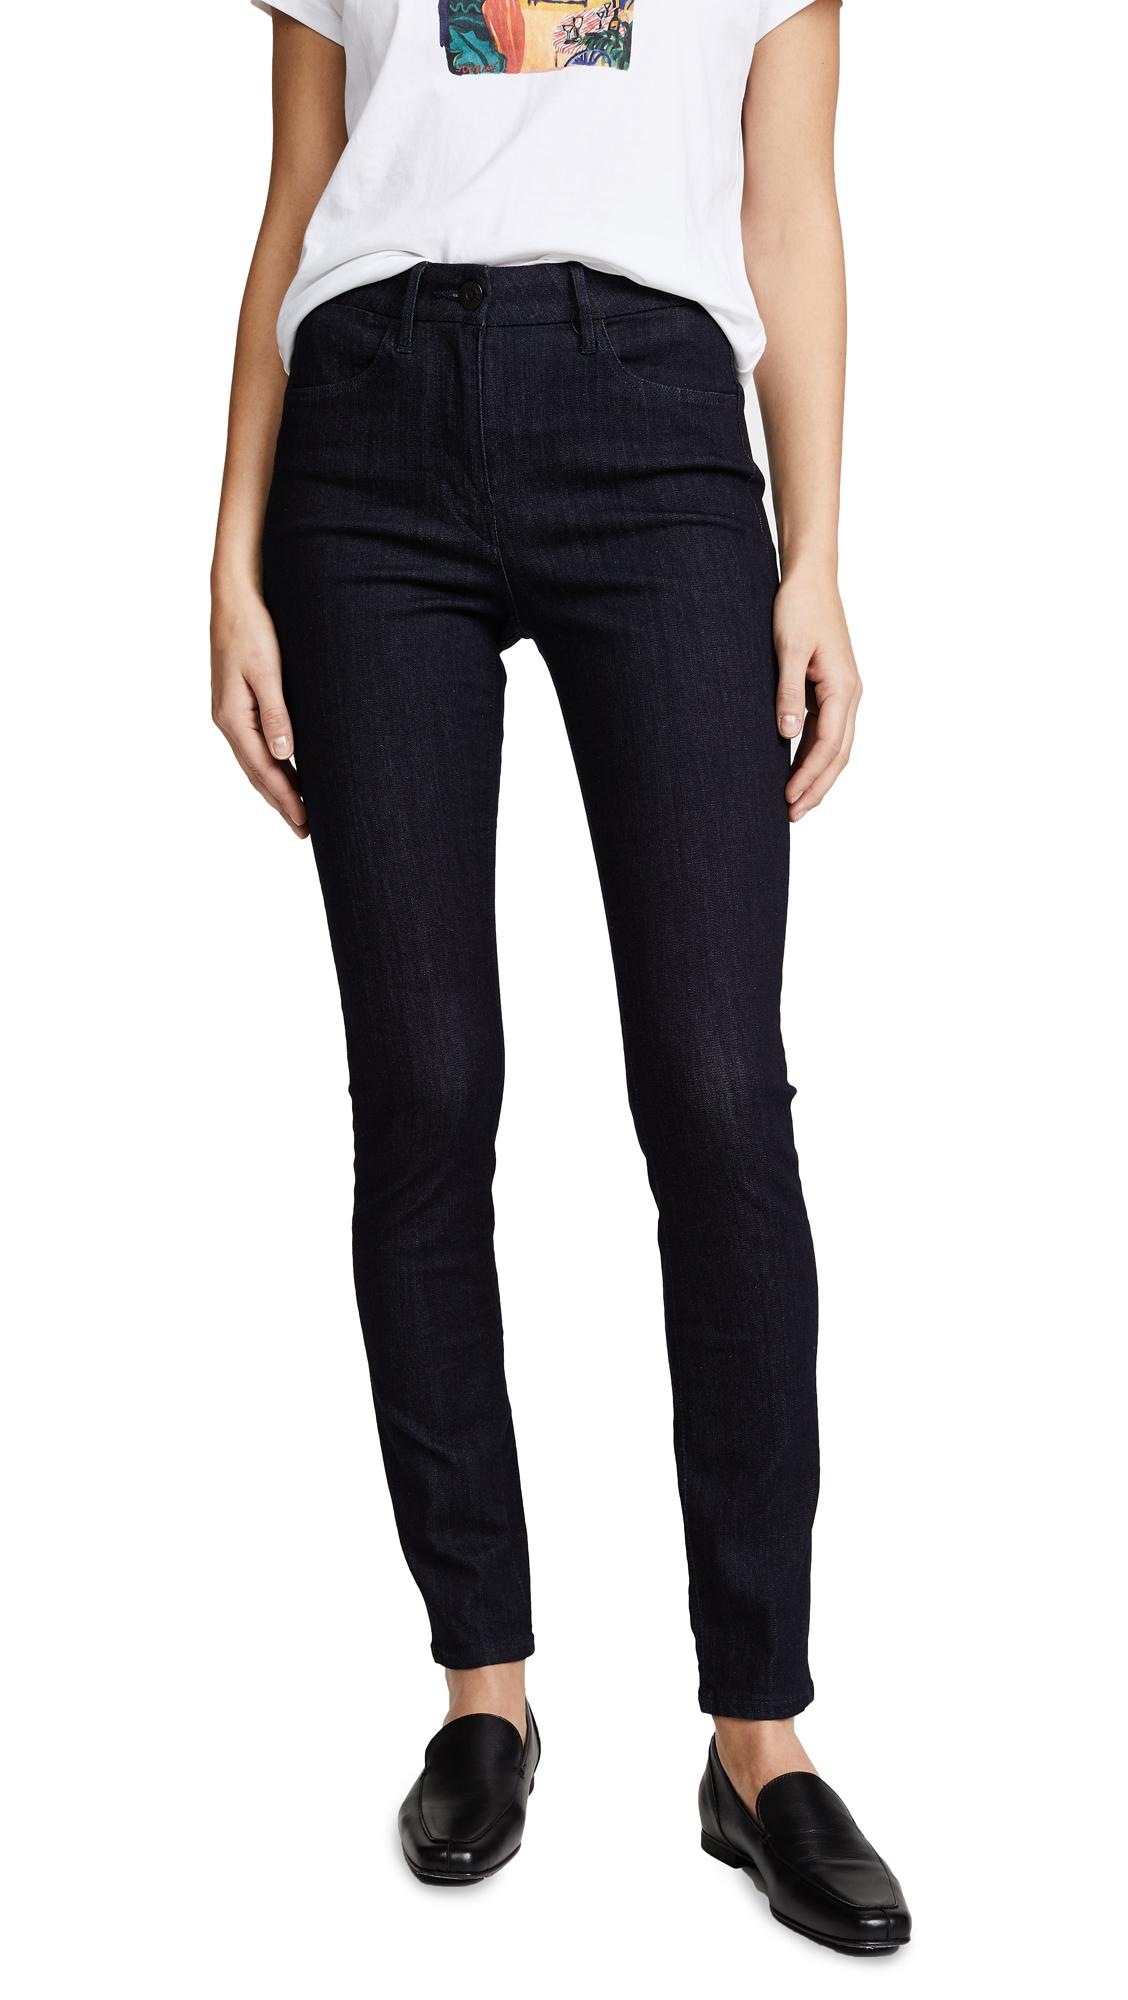 3x1 W3 Skinny Jeans